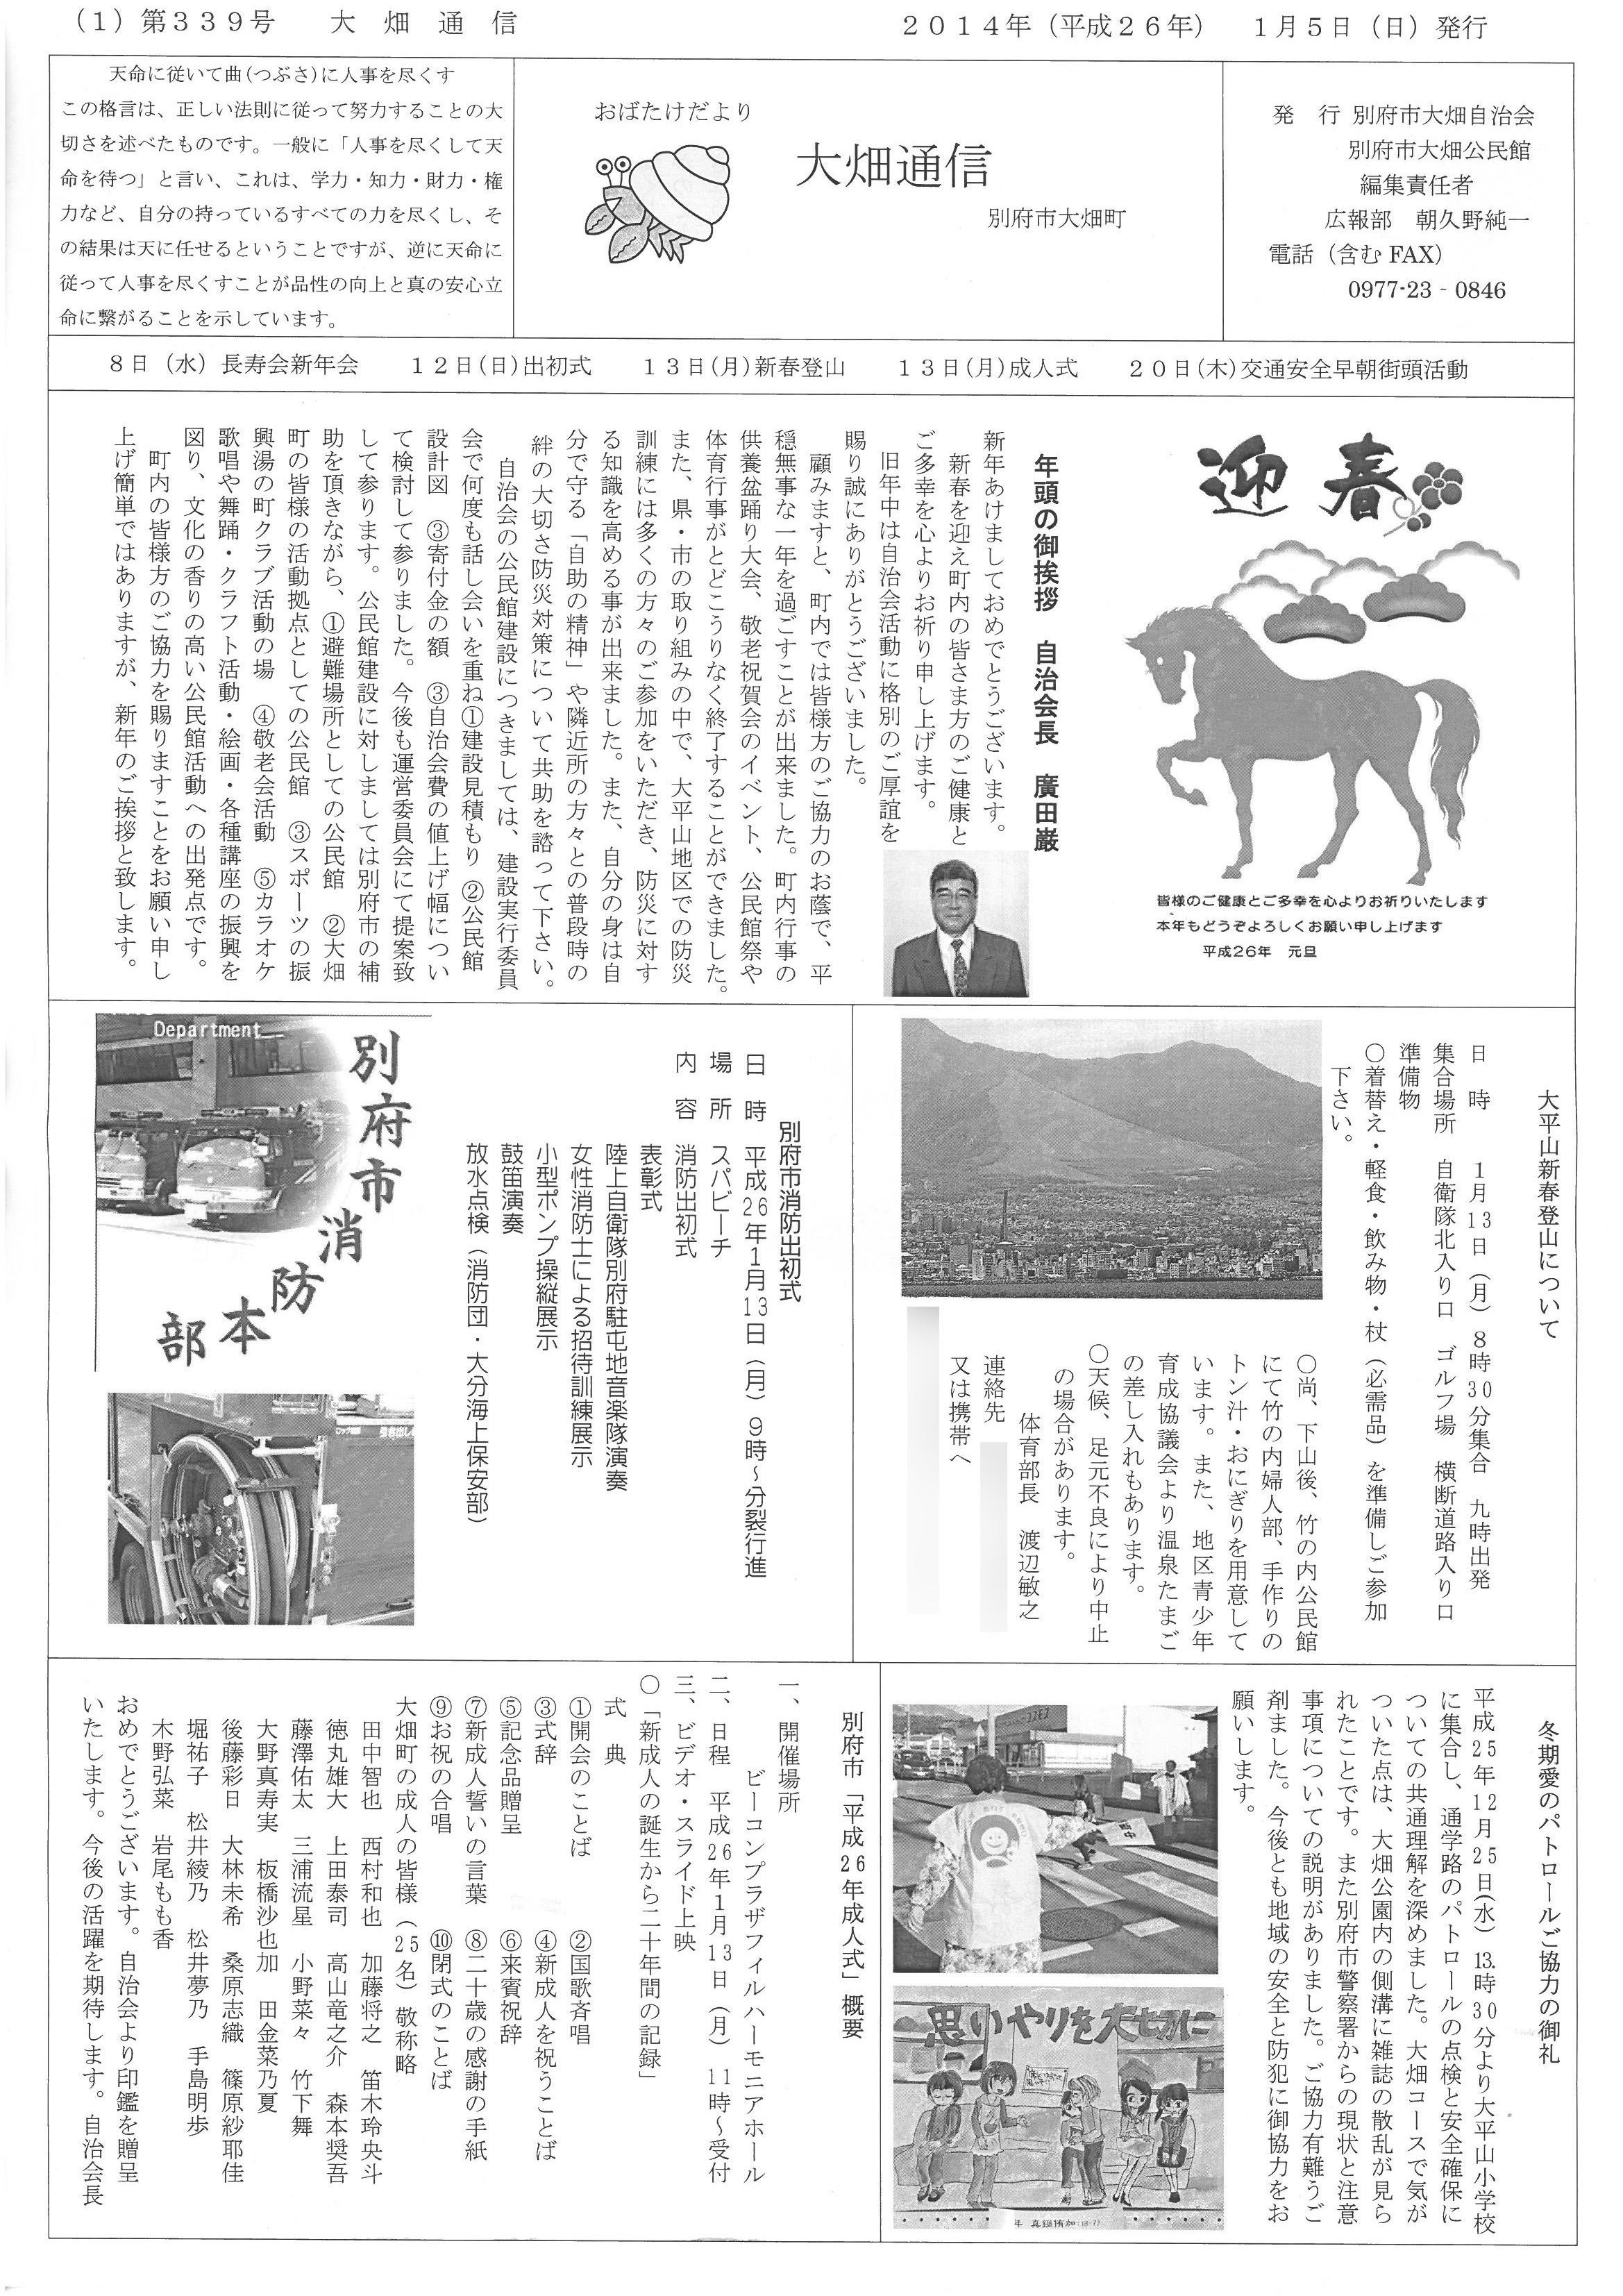 obatake201401_01